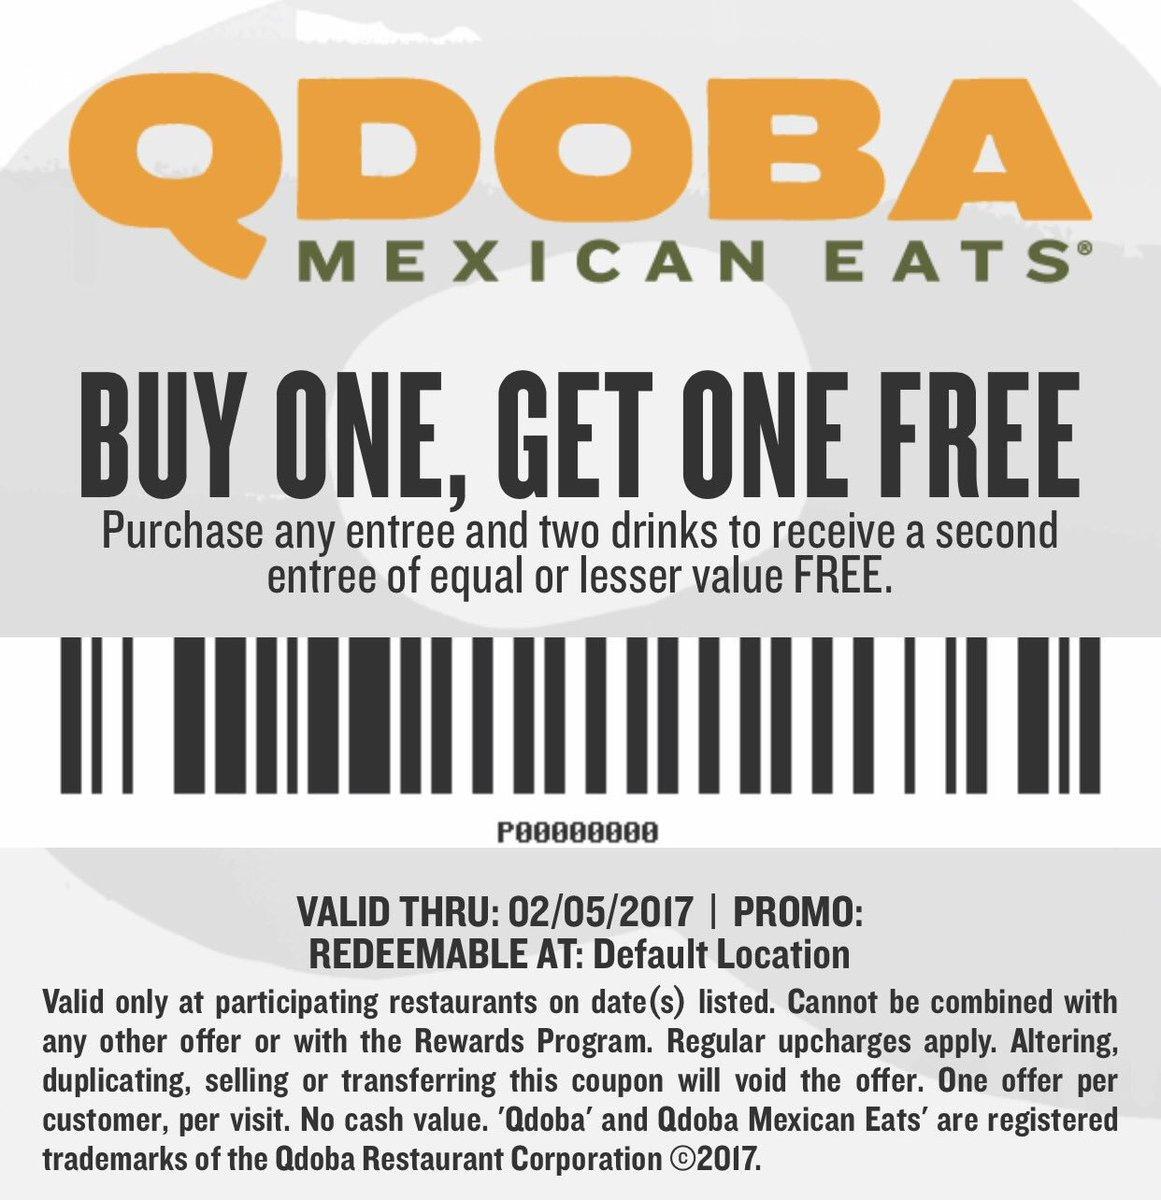 Free-Qdoba-Coupons-Printable-2018 – Printable Coupons Online - Free Printable Coupons 2018